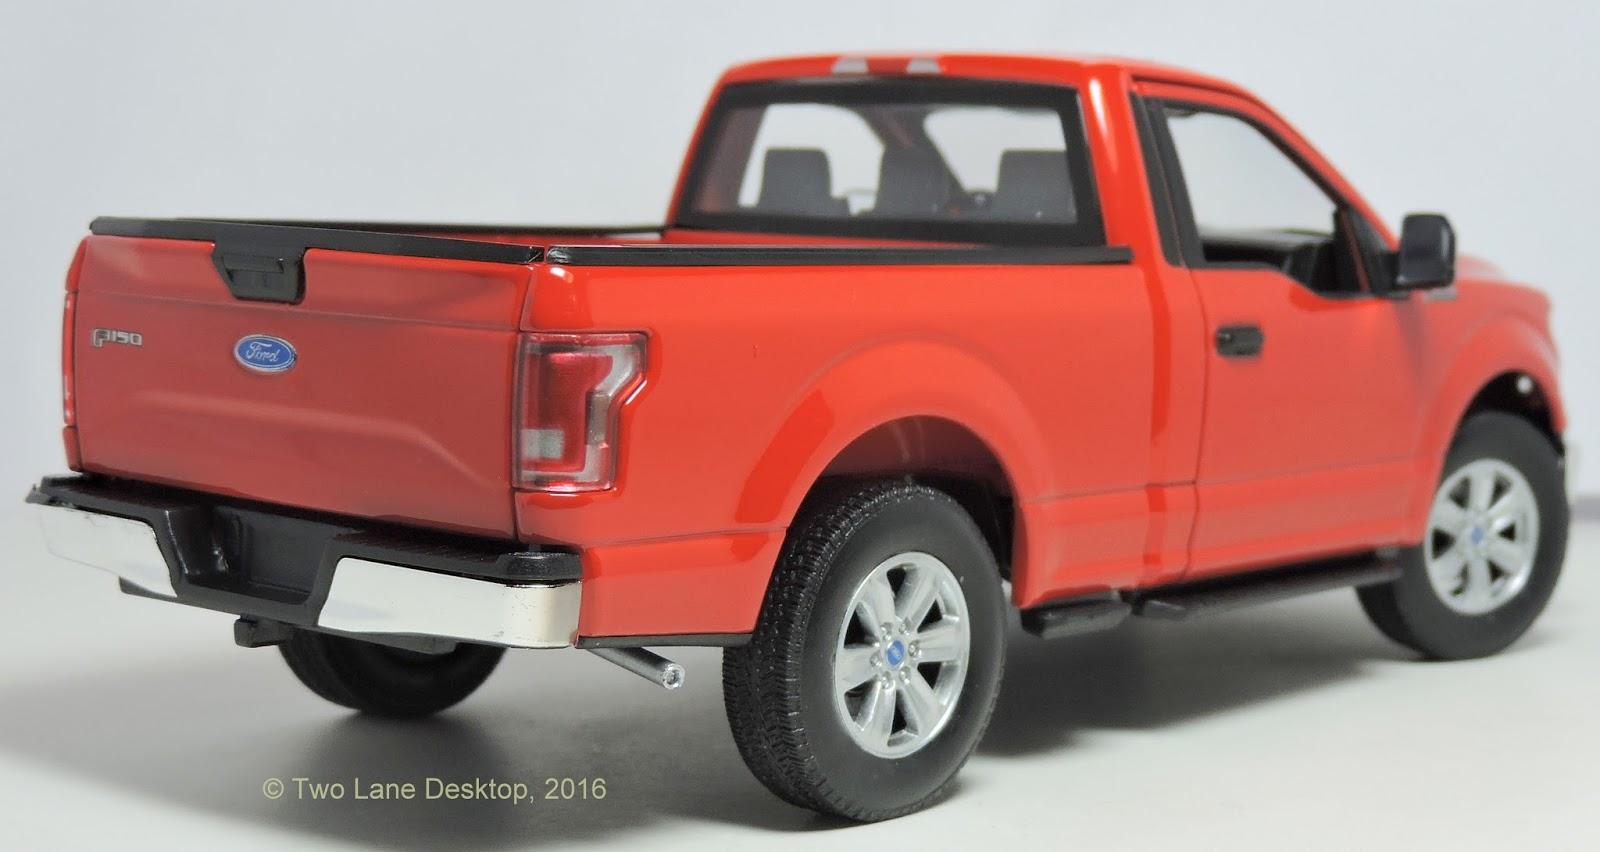 2015 Ford F 150 Regular Cab >> Two Lane Desktop: Welly 1:24 2015 Ford F-150 XL Regular Cab